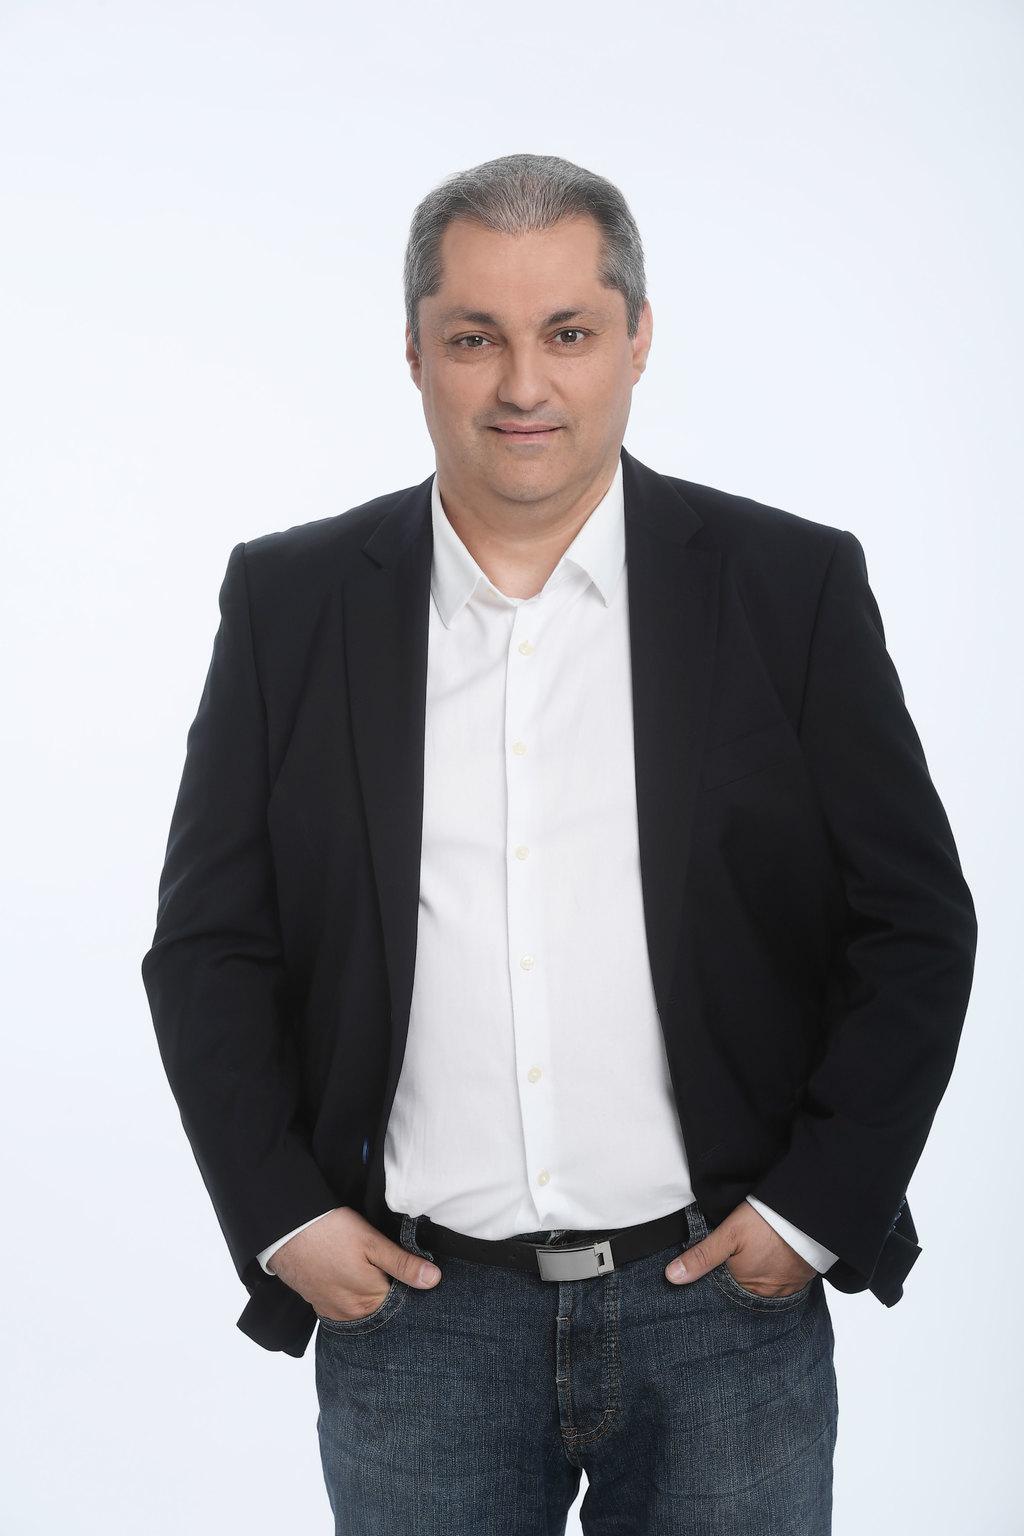 Hajdú B. István (Fotó: MTI/Kovács Tamás)